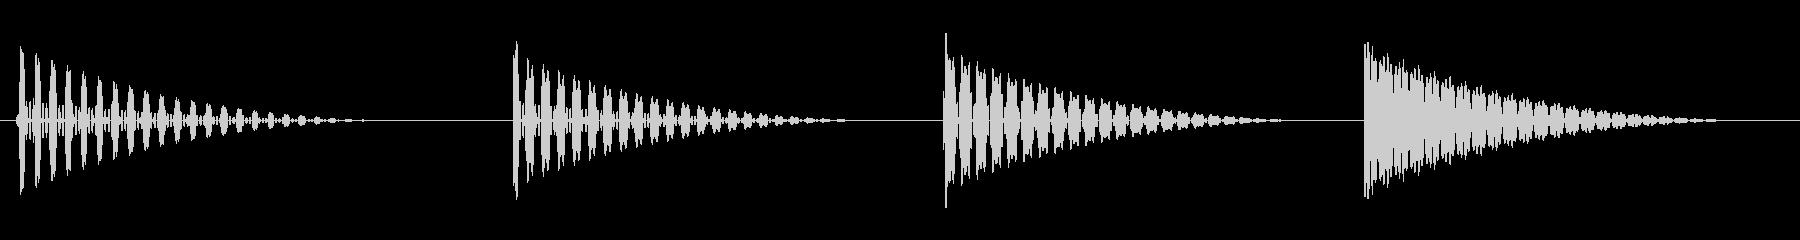 パルス、チョップ、エコー、ストロン...の未再生の波形